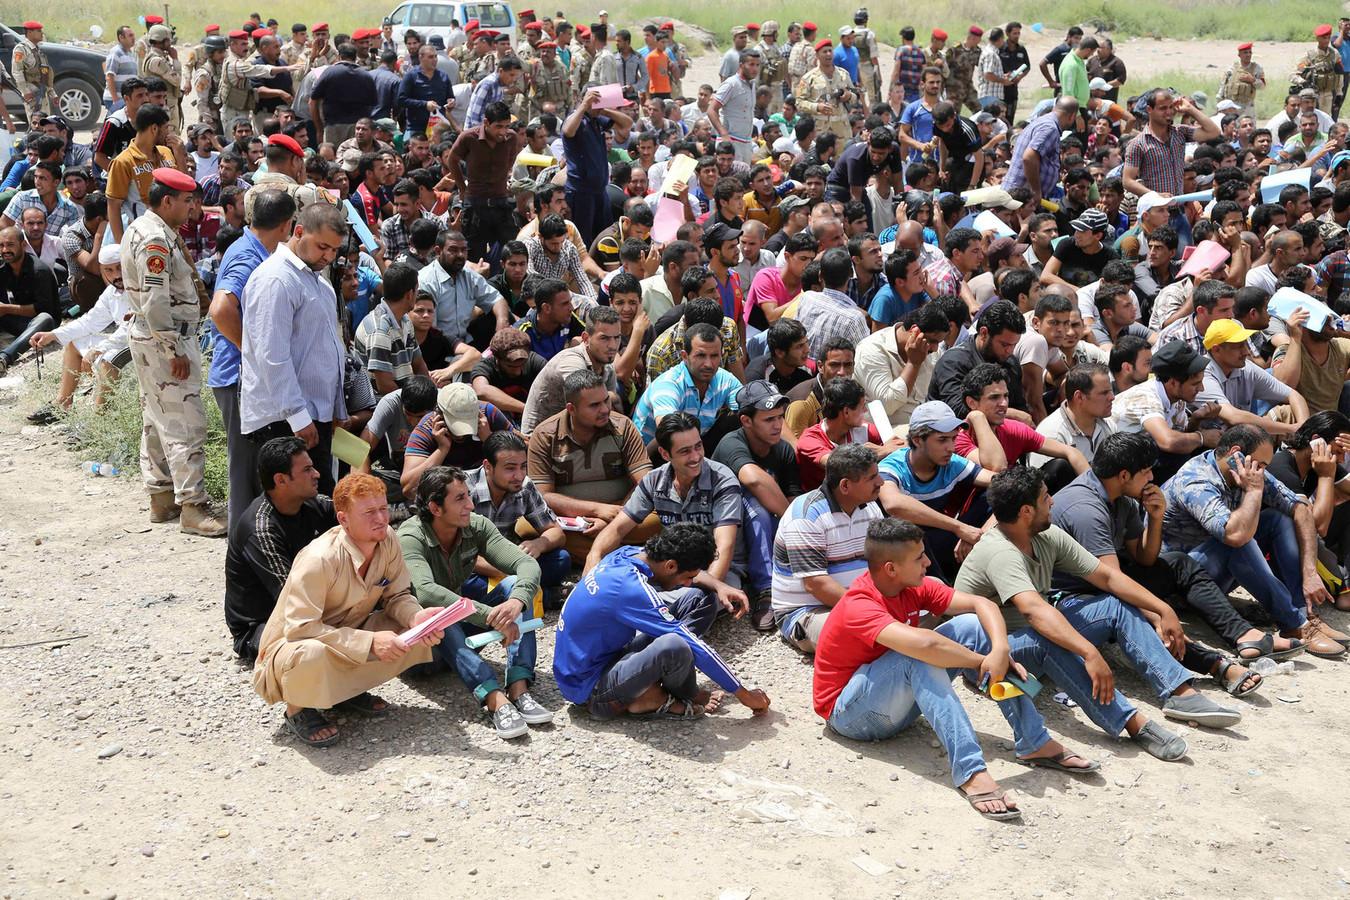 Irakese mannen verzamelen zich om zich te laten rekruteren voor het leger om te helpen vechten.